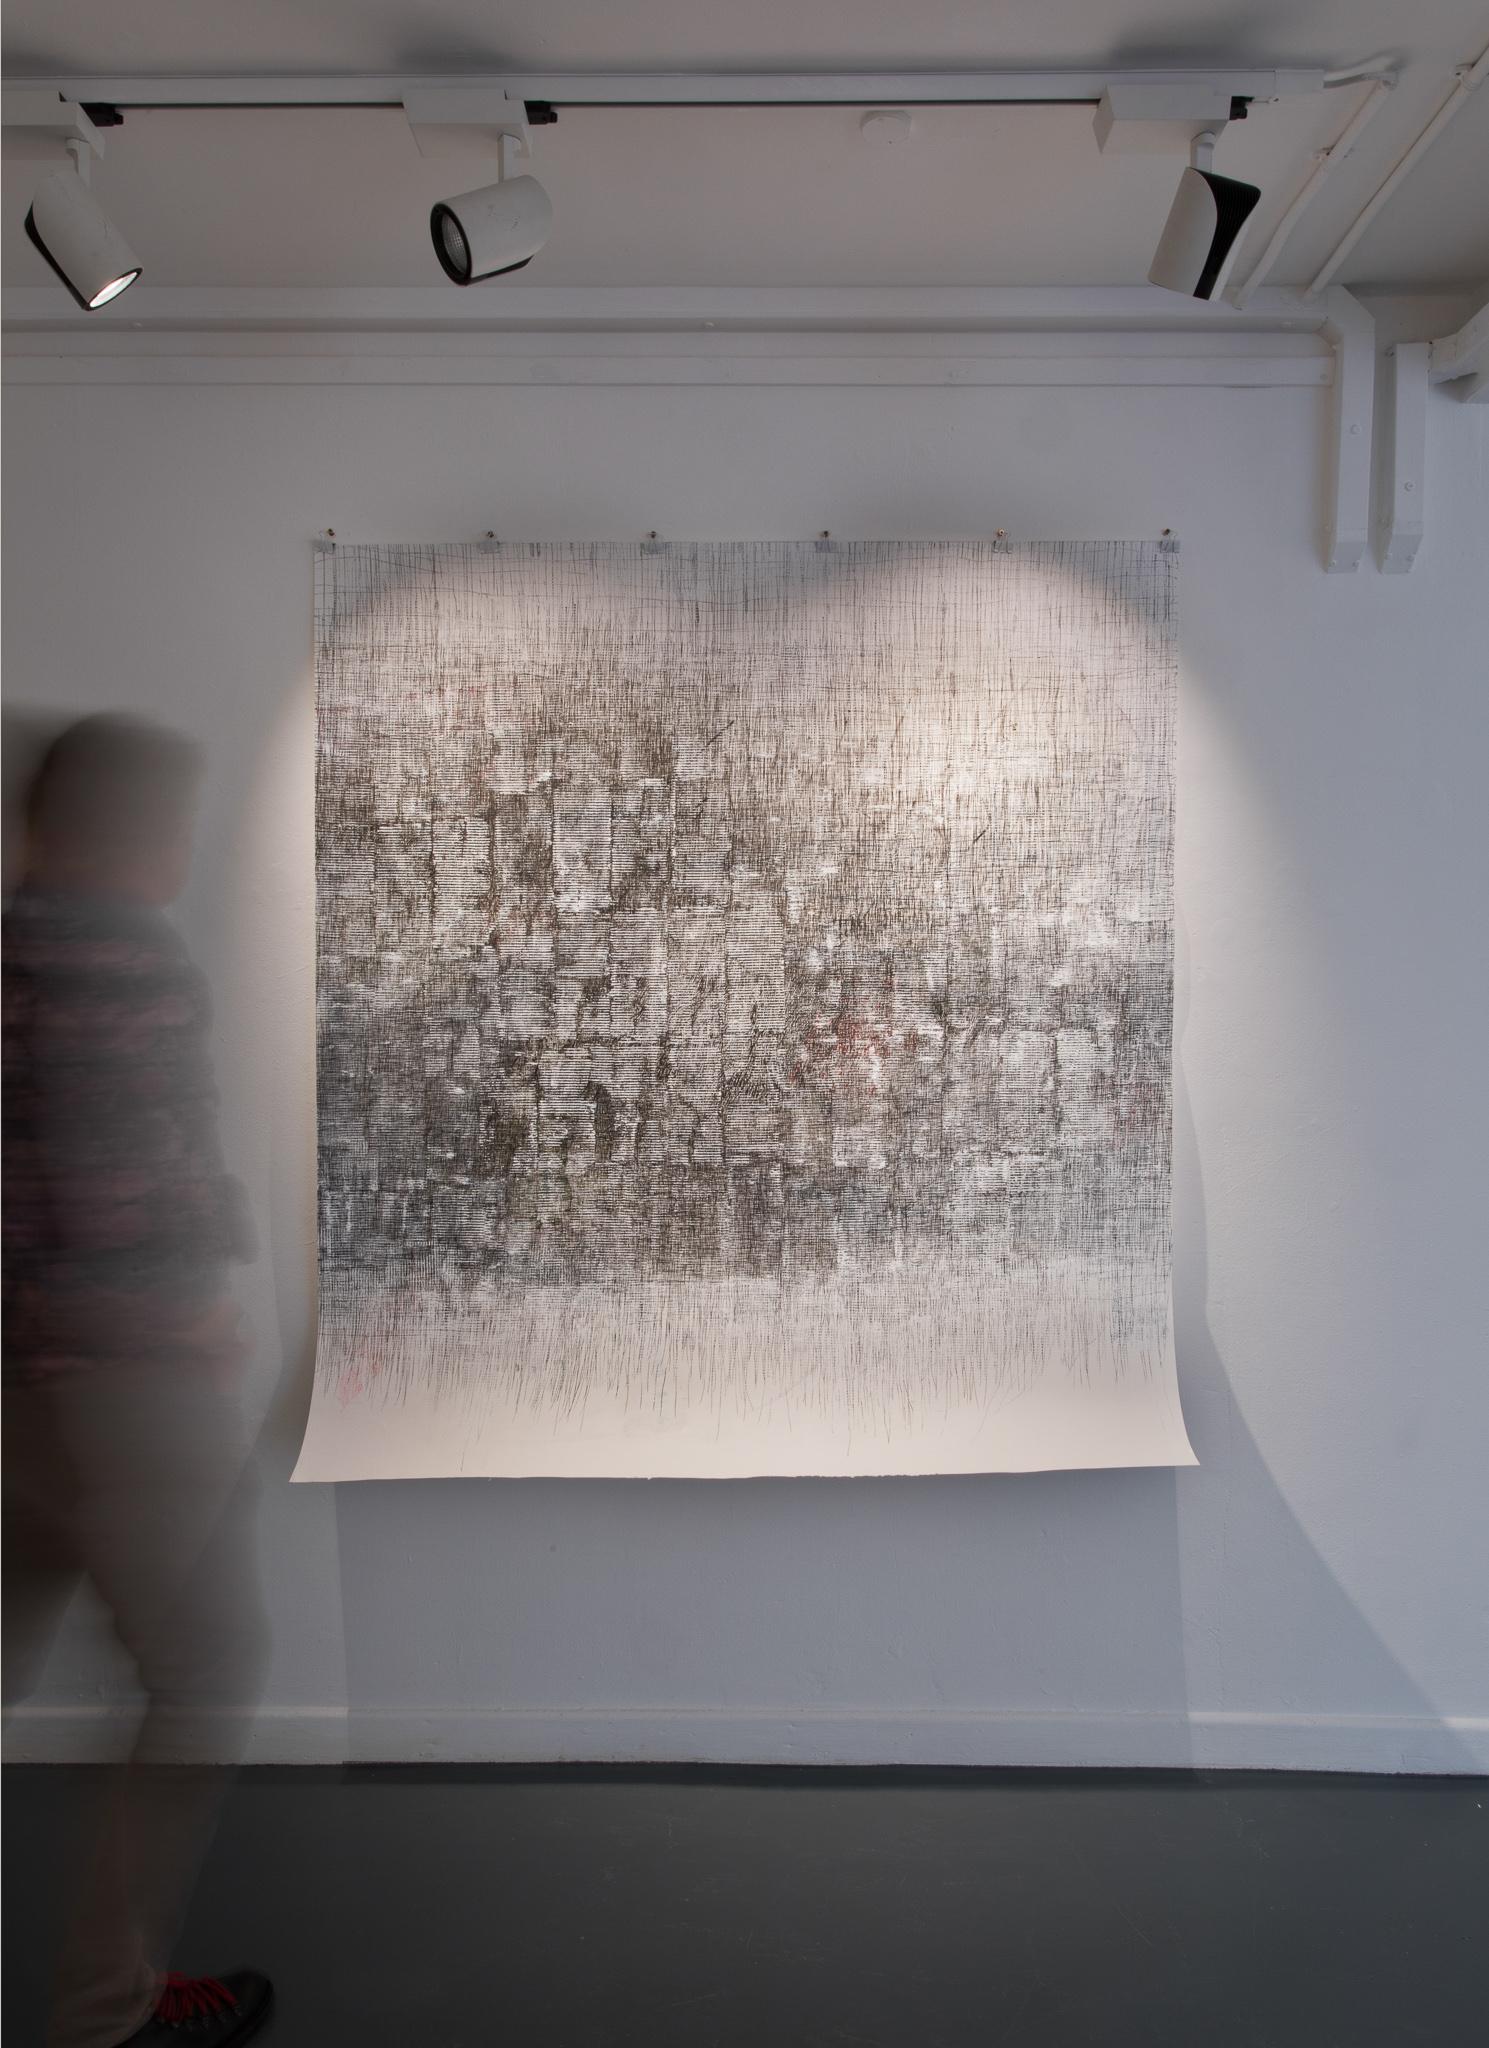 Gerda Teljeur, Cocooning, 2020, Ink on paper - 170x159cm - €5,000